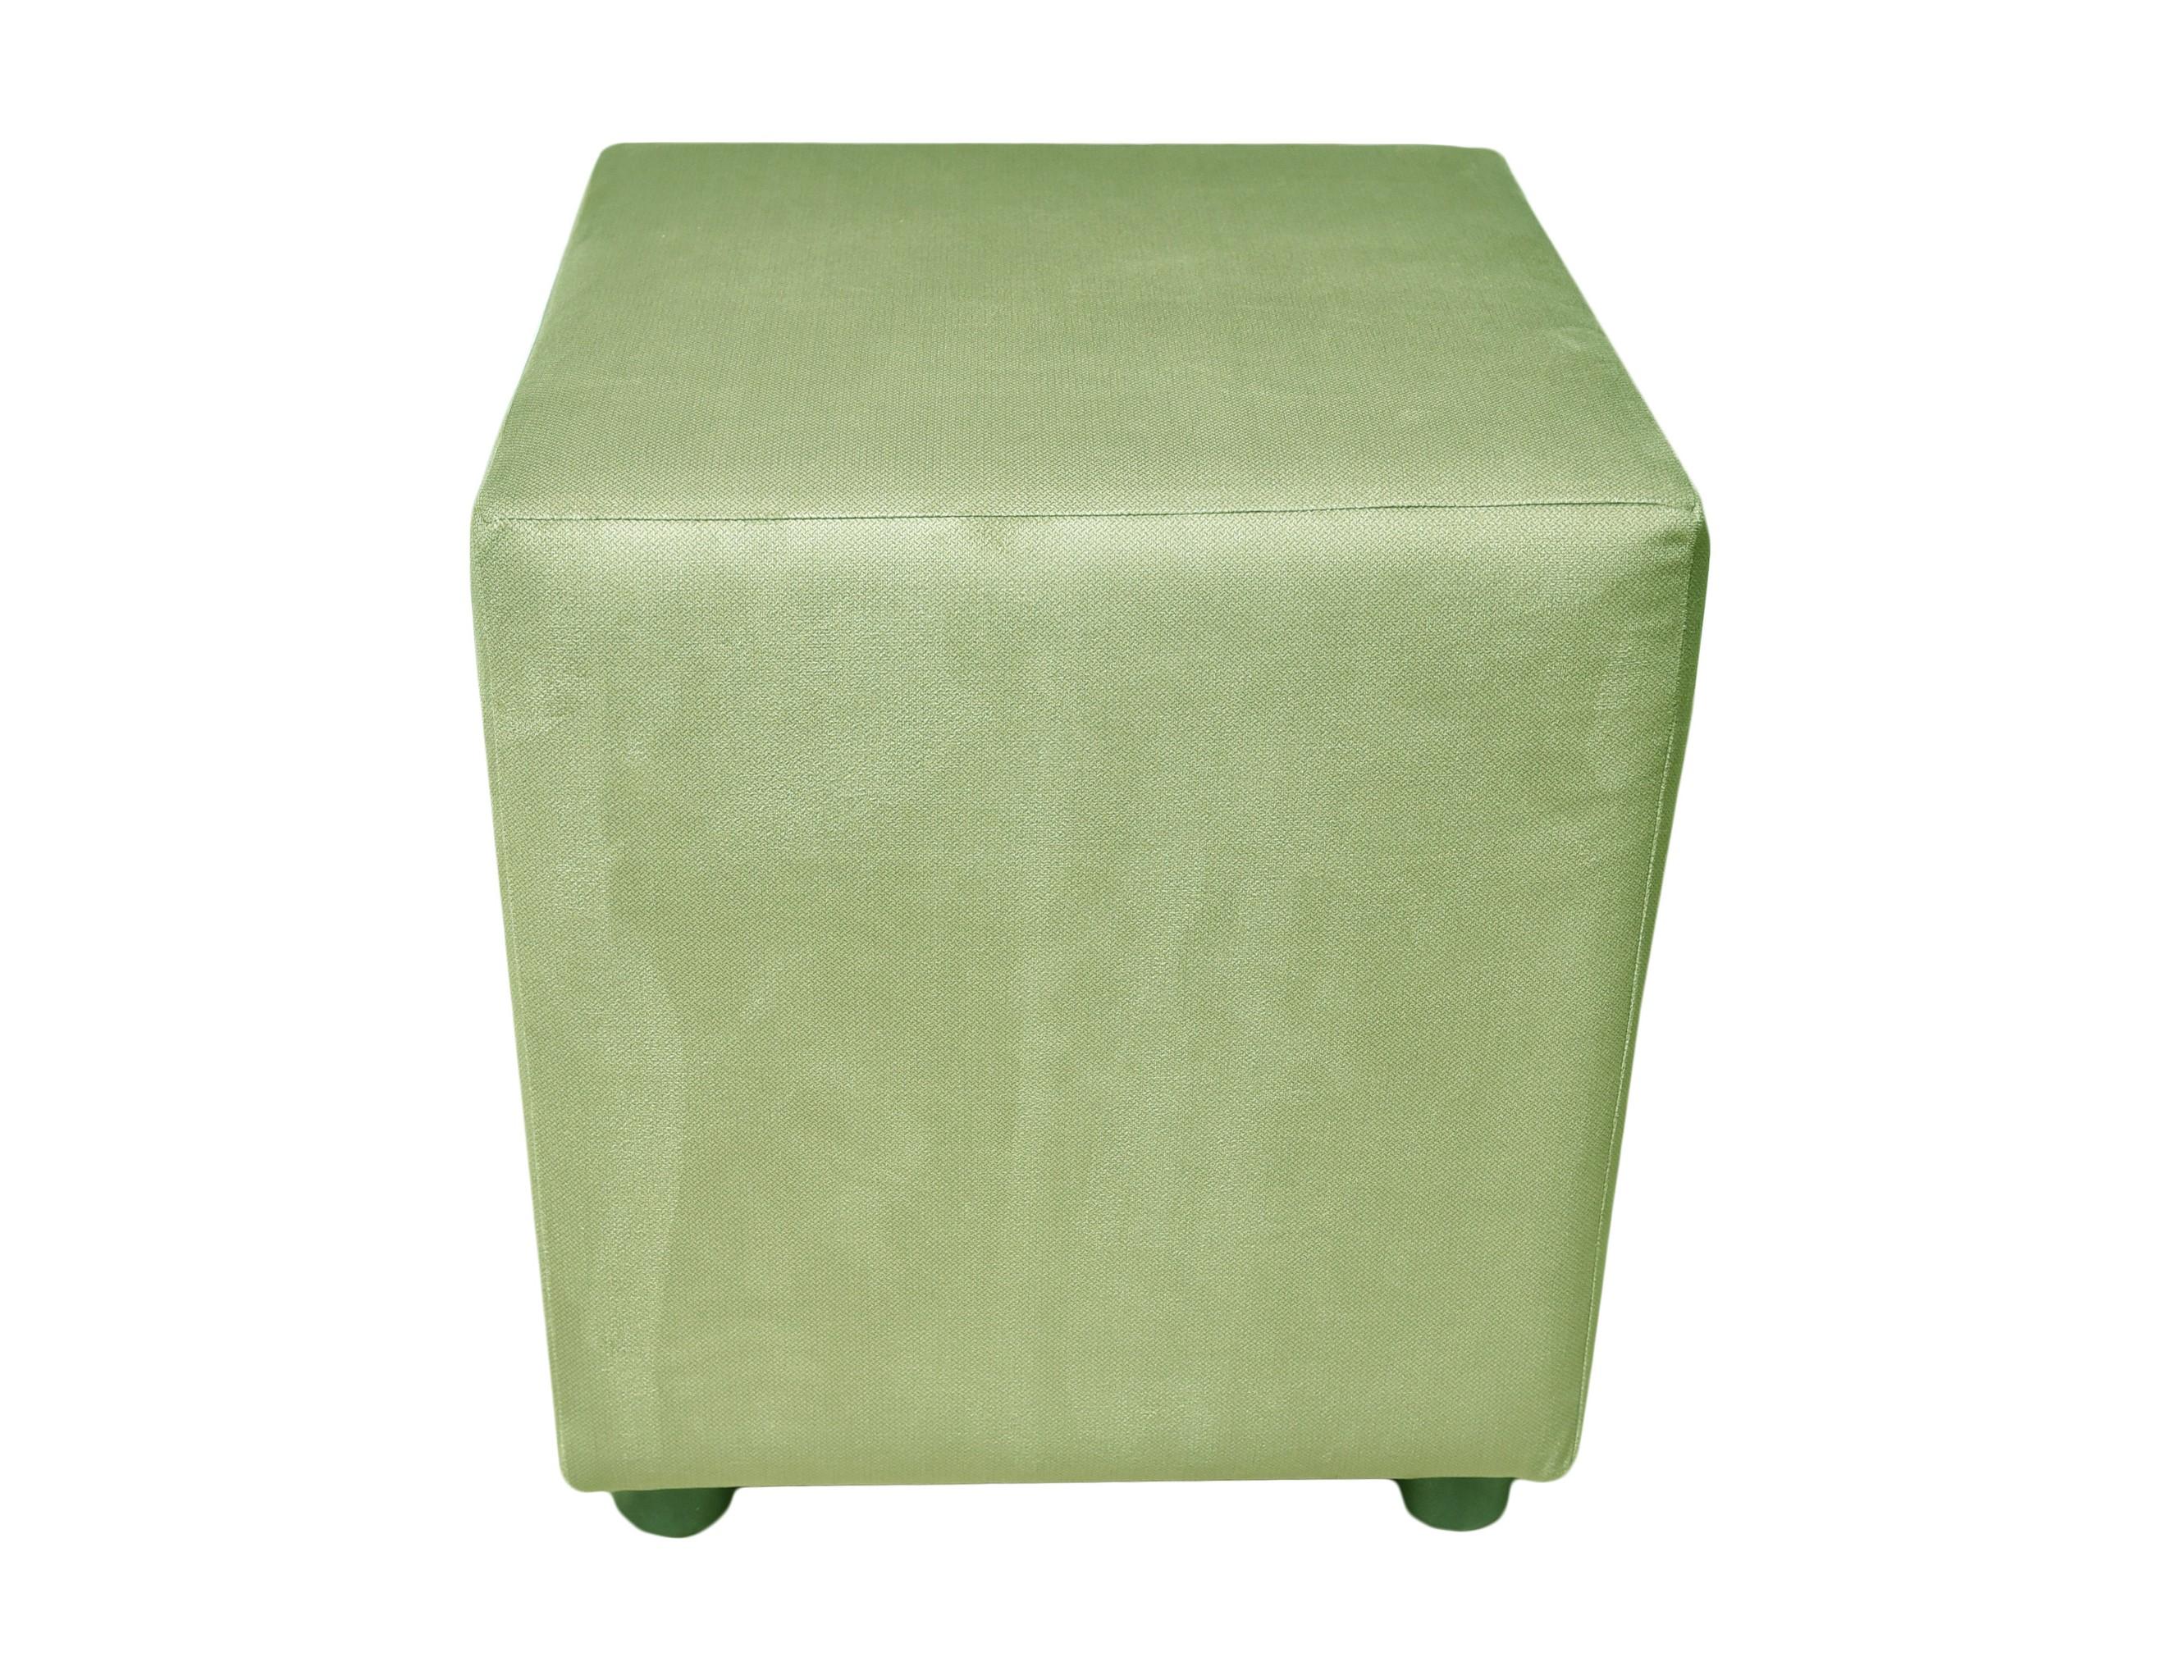 ПуфФорменные пуфы<br>Очень устойчивый пуф на деревянной основе станет незаменимым предметом декора или функциональной мебелью в вашем доме. А эксклюзивные ткани добавят изюминку в ваше пространство.<br><br>Material: Текстиль<br>Length см: None<br>Width см: 40<br>Depth см: 40<br>Height см: 45